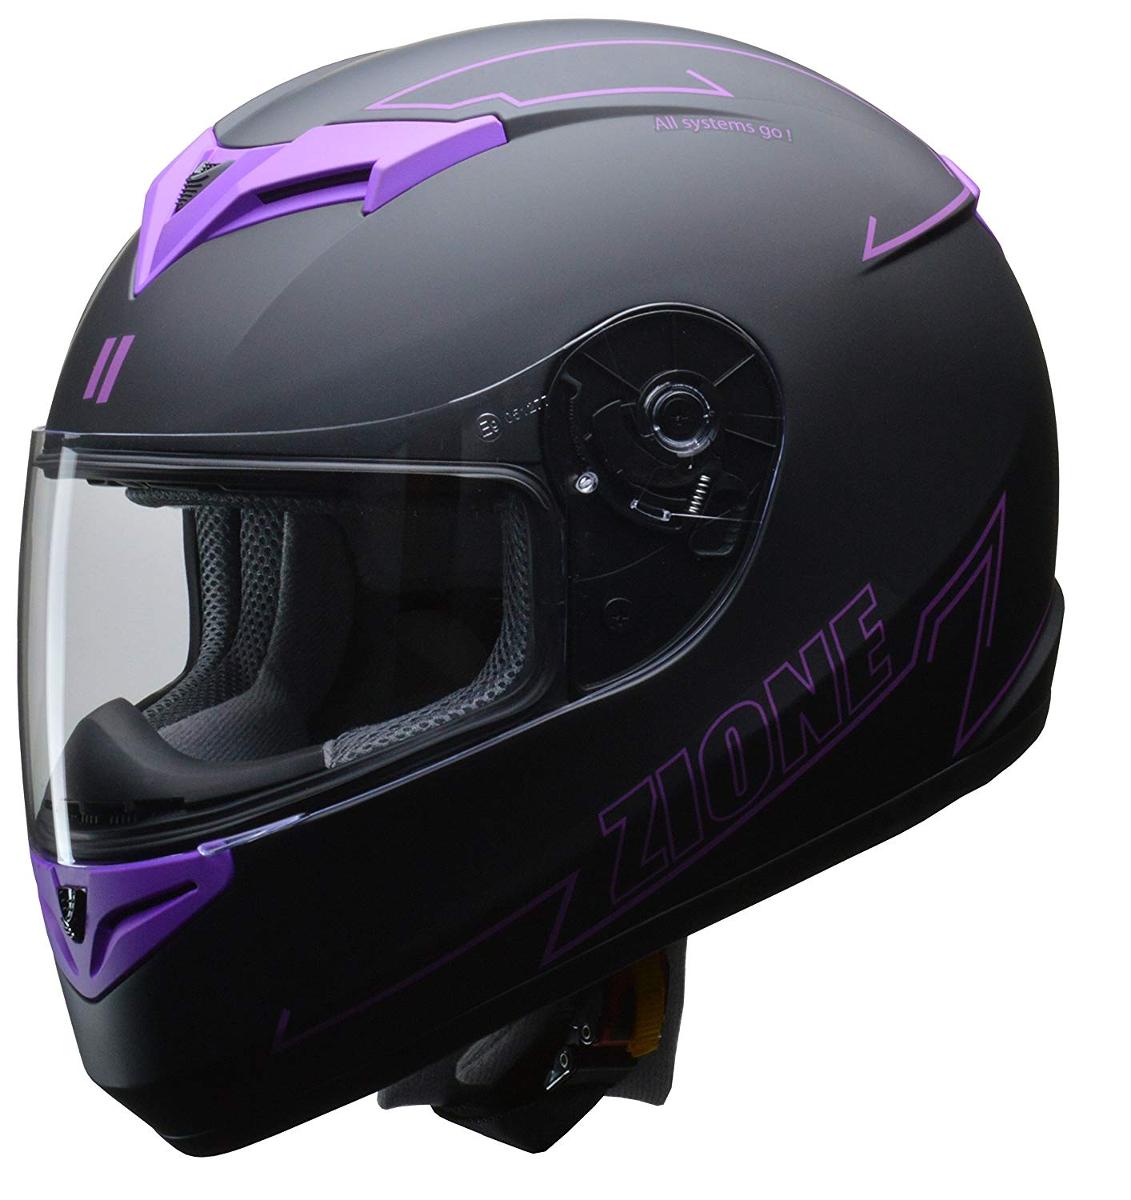 リード工業 フルフェイスヘルメット ZIONE (ジオーネ) パープル Mサイズ (57-58cm未満)